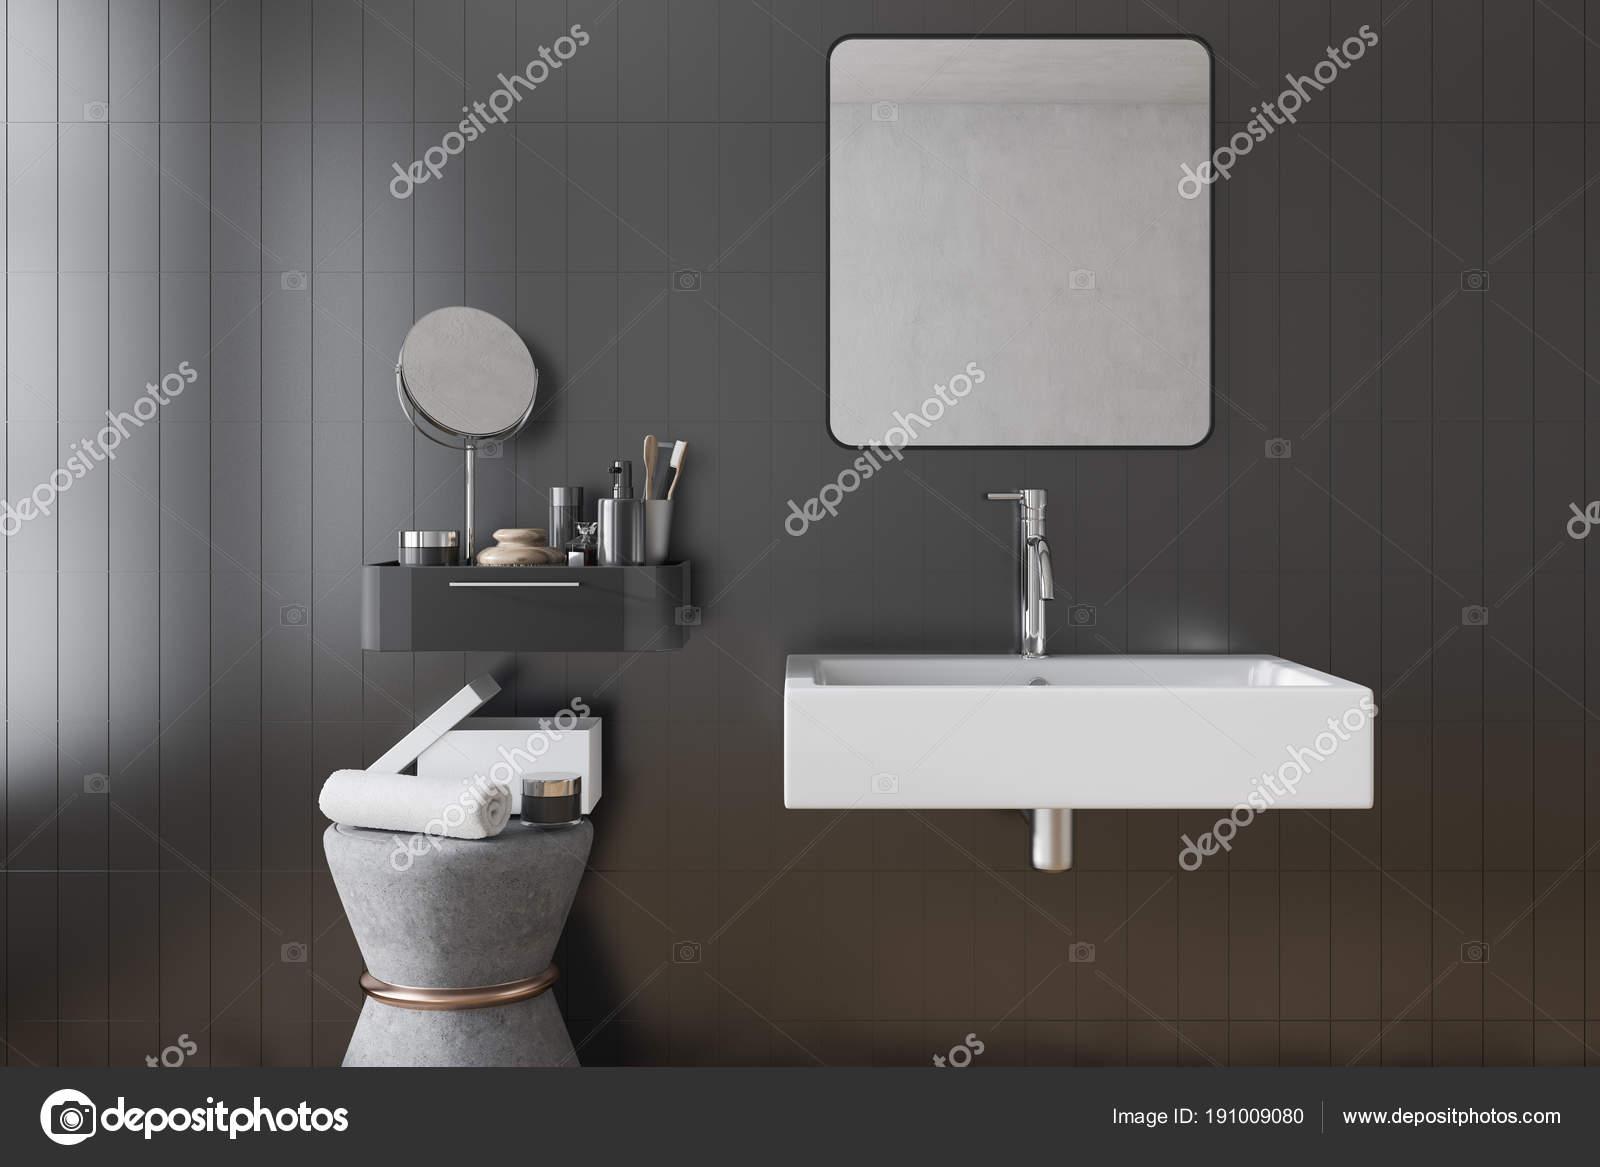 Vierkante Wasbak Badkamer : Badkamer wastafel badkamer wasbak kom